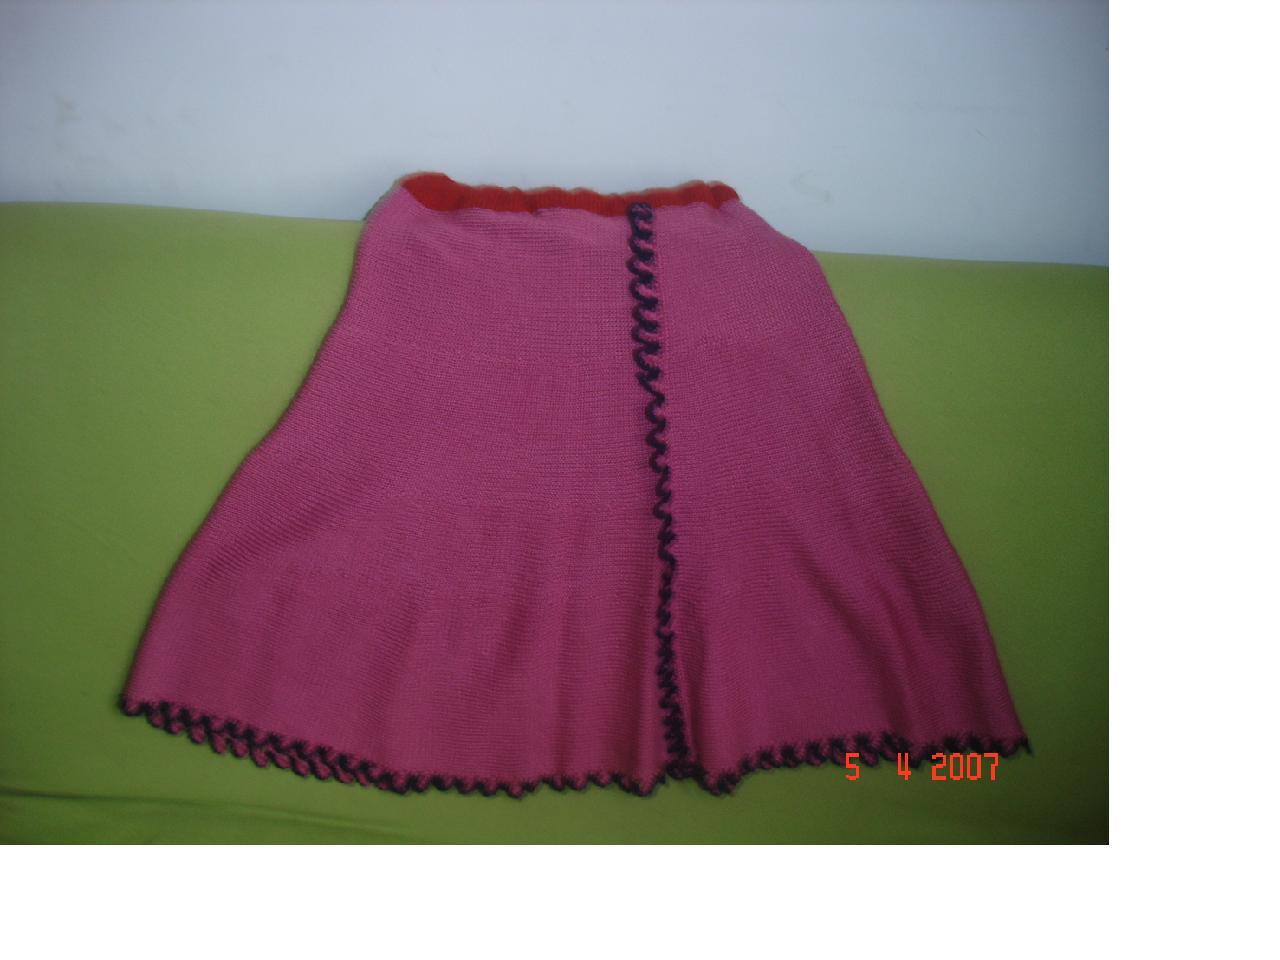 我的原创裙子横着织的